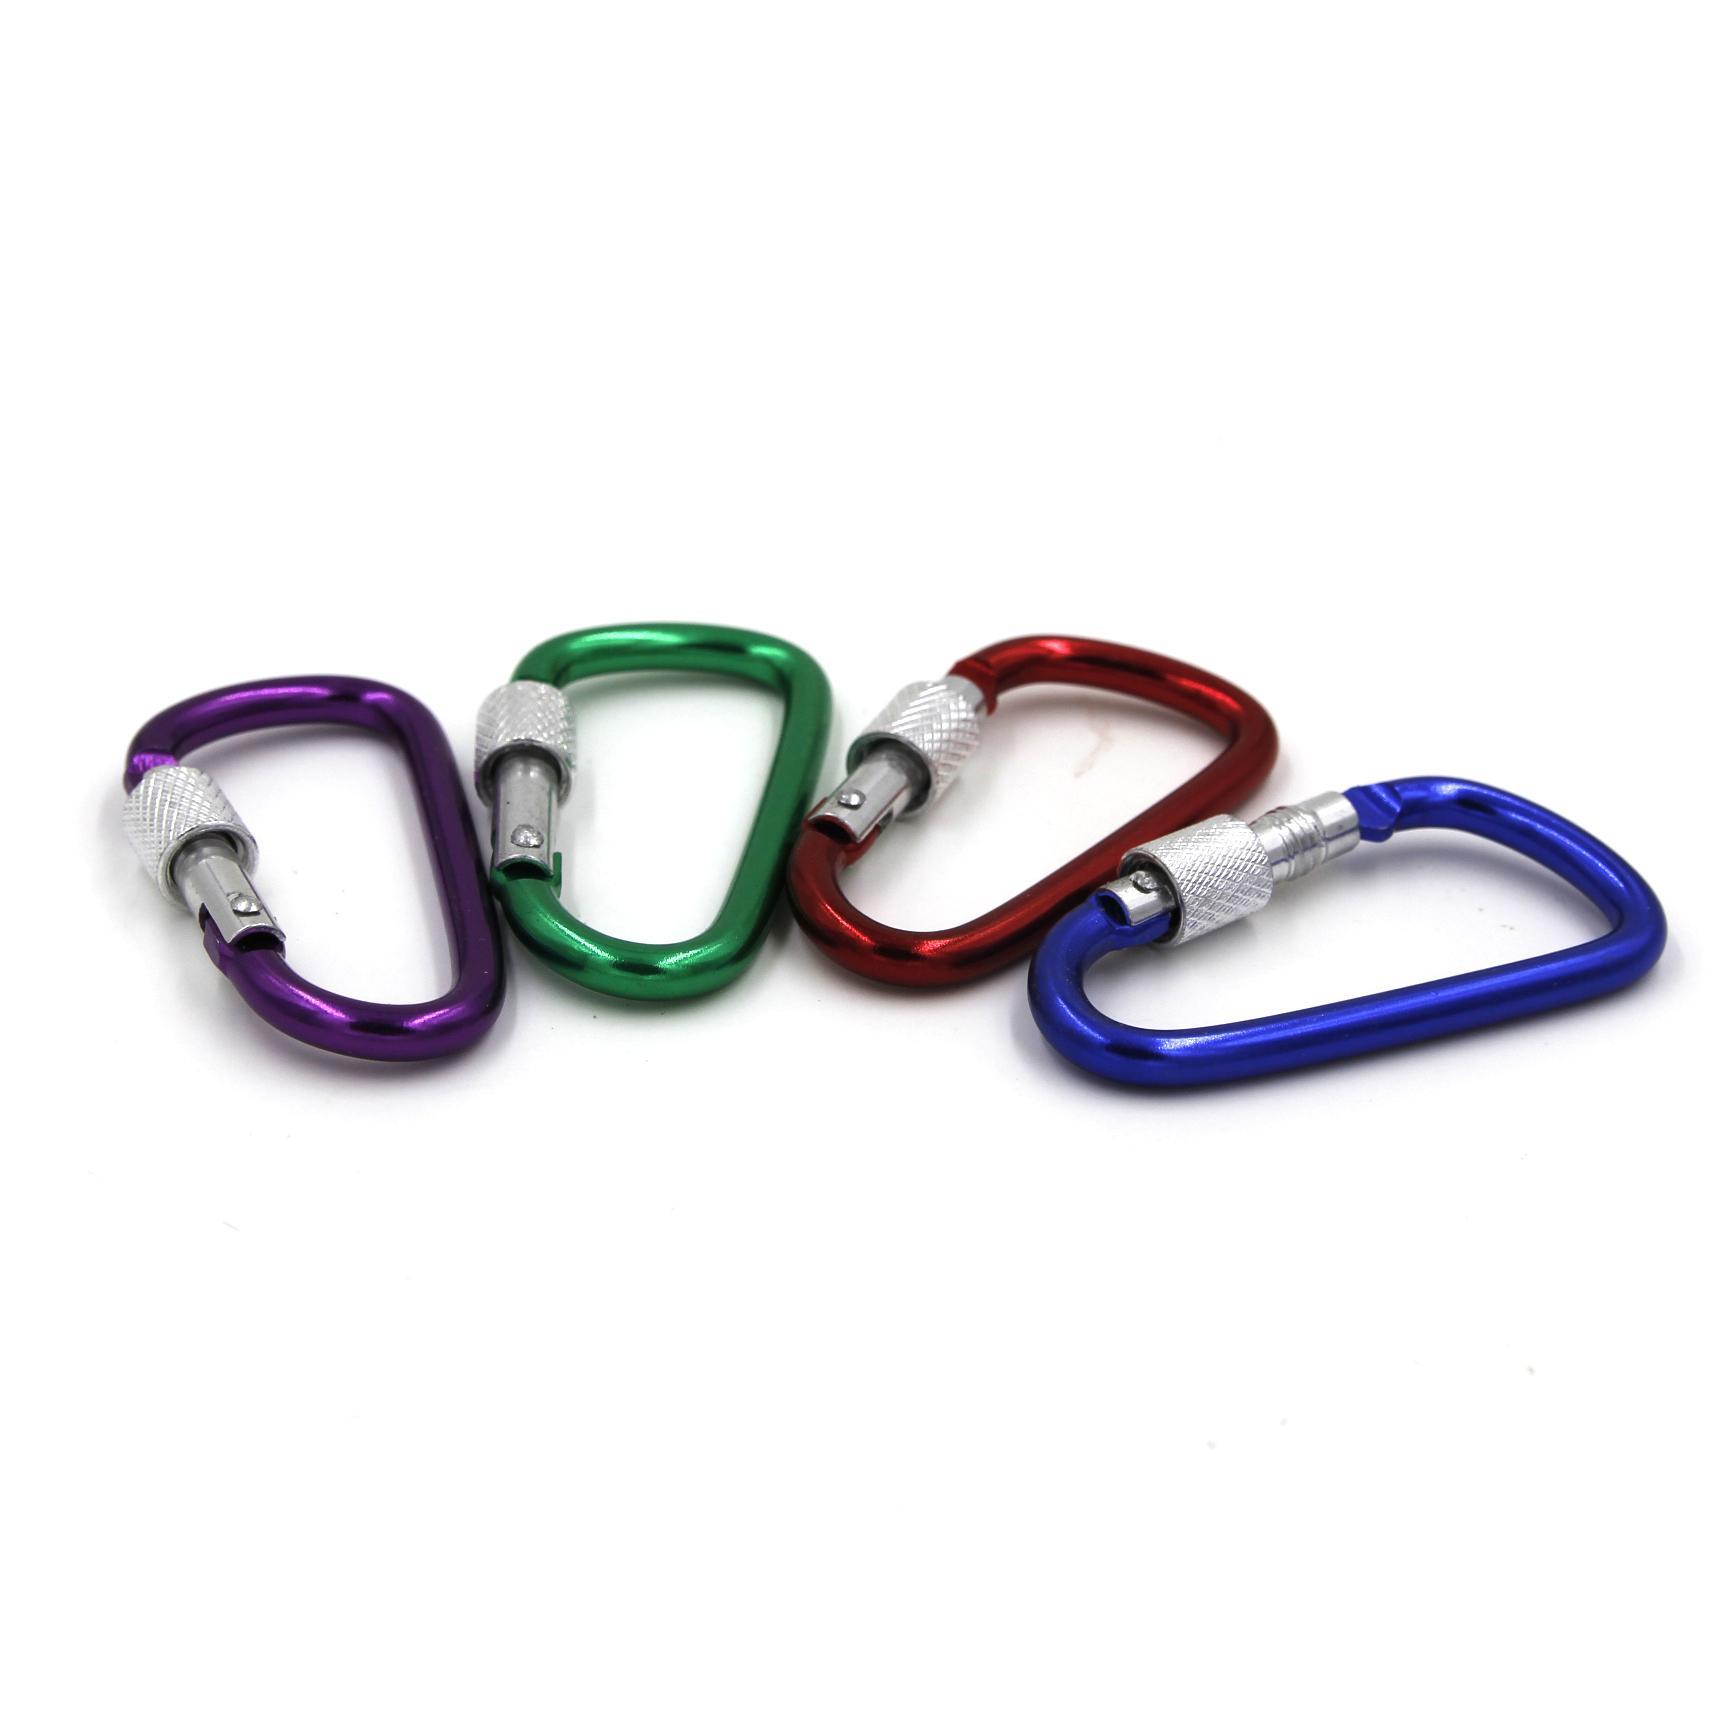 01 Móc khóa nhôm cao cấp có khóa an toàn (Màu sắc ngẫu nhiên)